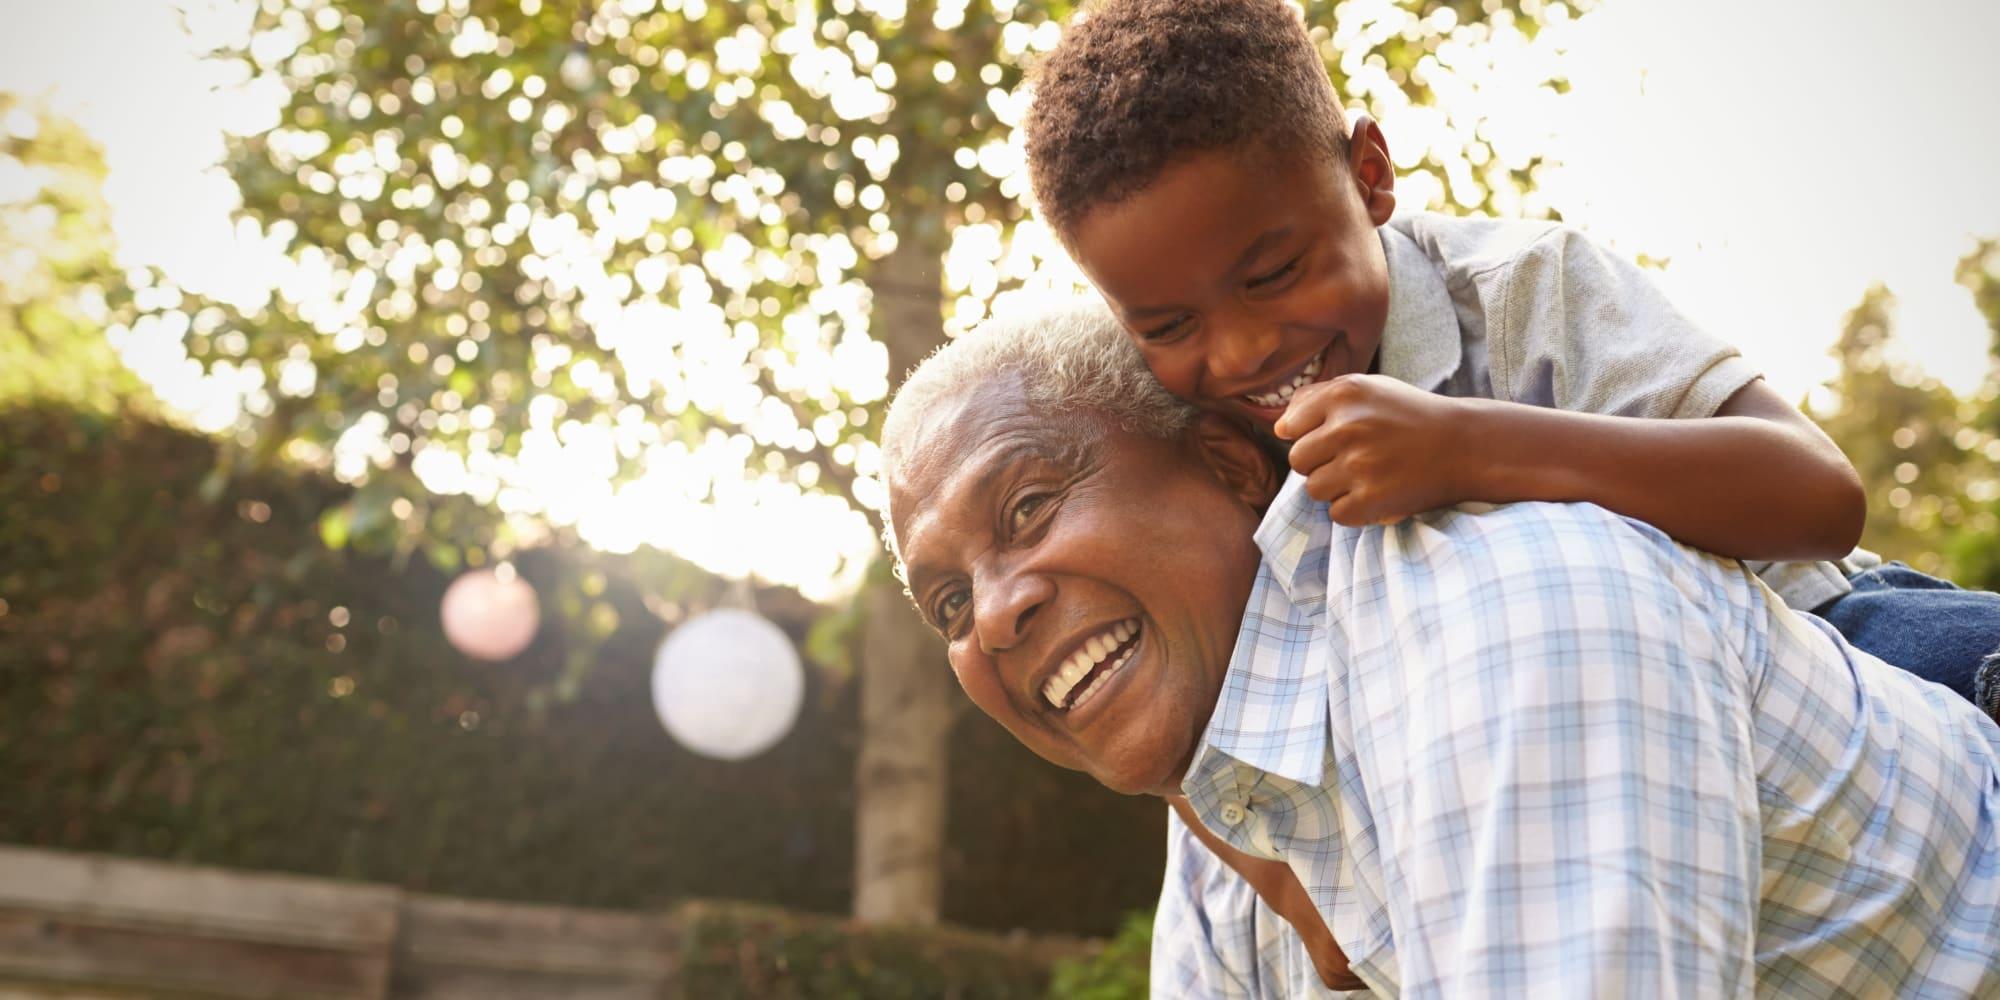 Senior living in Eau Claire, Wisconsin at Milestone Senior Living.